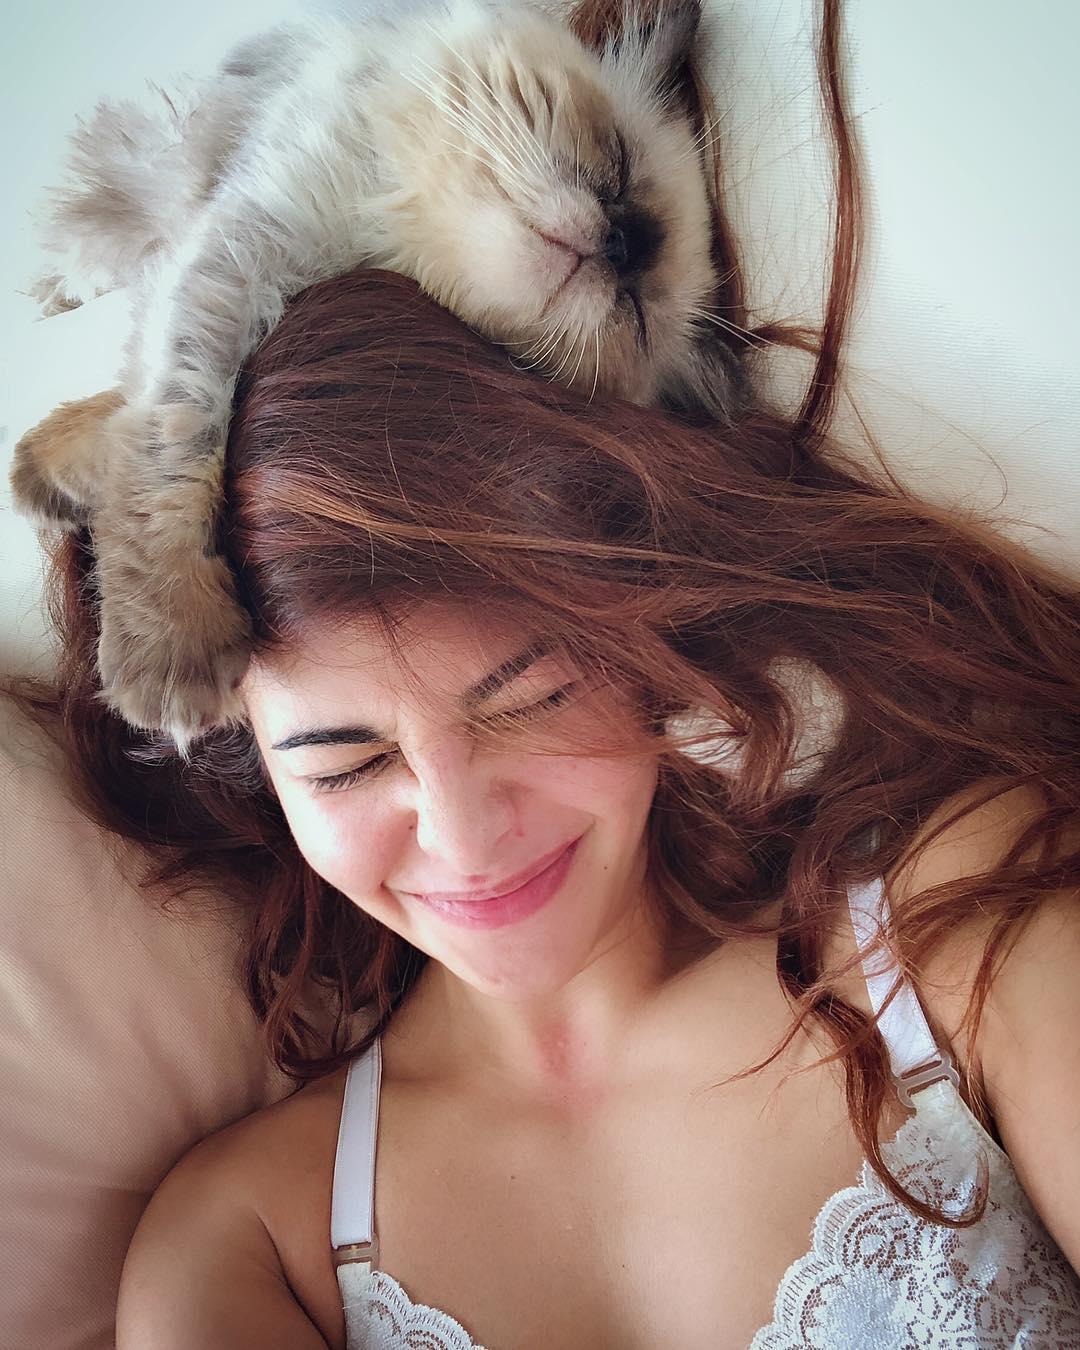 जॅकलीन फर्नांडिसकडेही एक गोड मांजर आहे. (फोटो - Instagram)